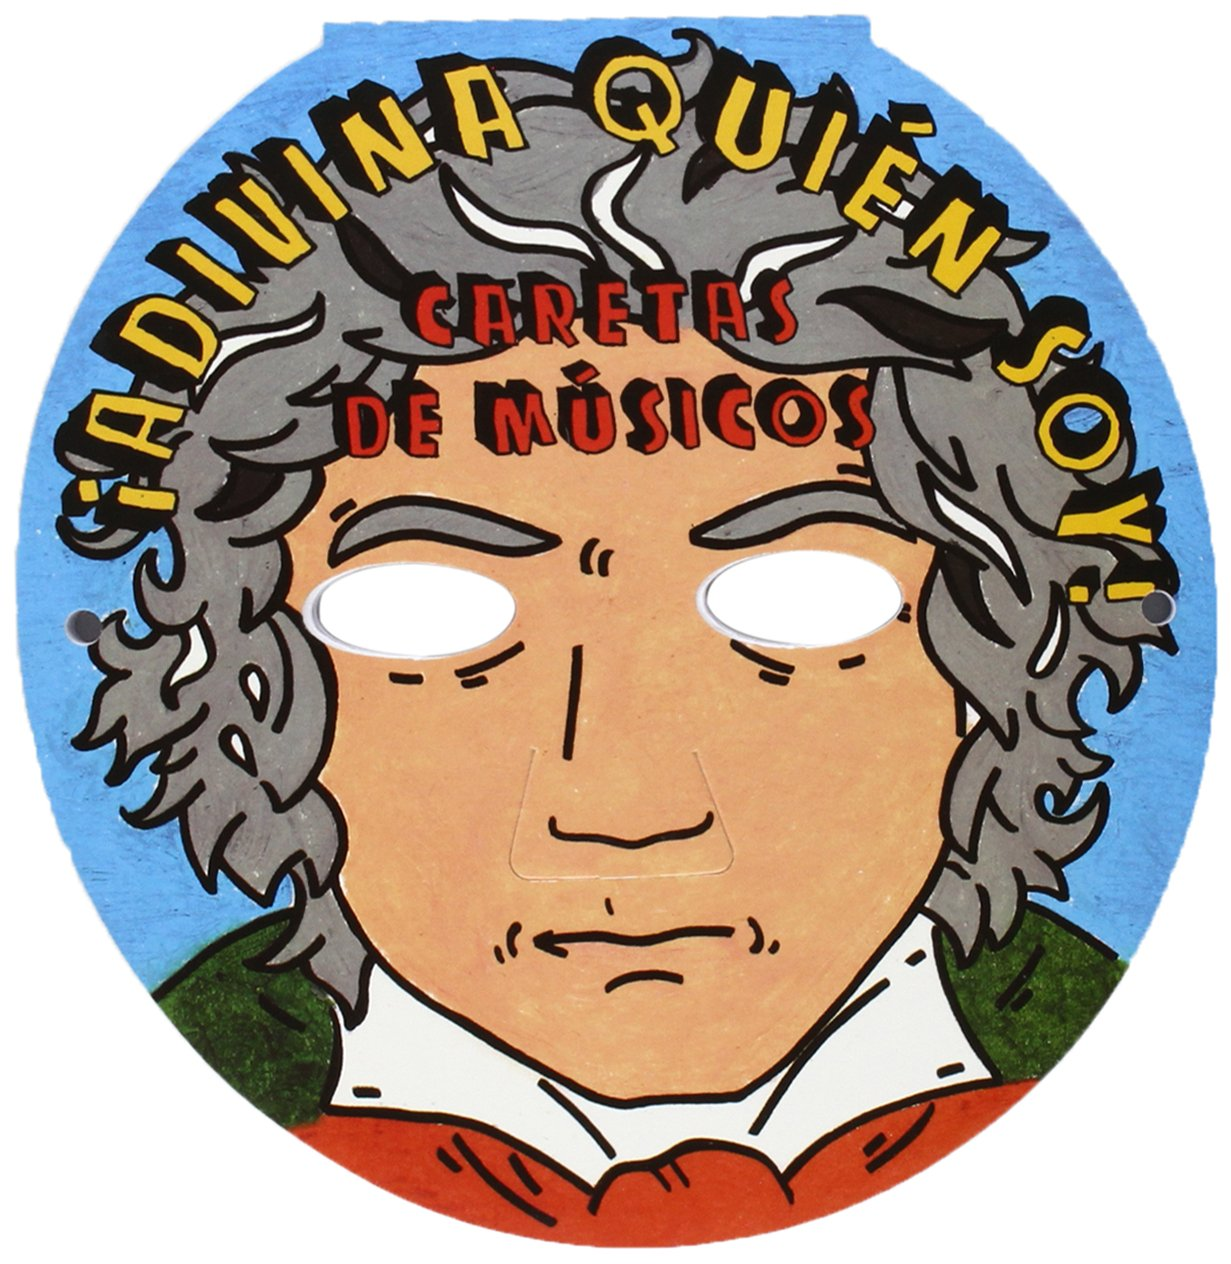 Caretas de Músicos - Adivina quién soy: Amazon.es: Maiquez, Laia ...